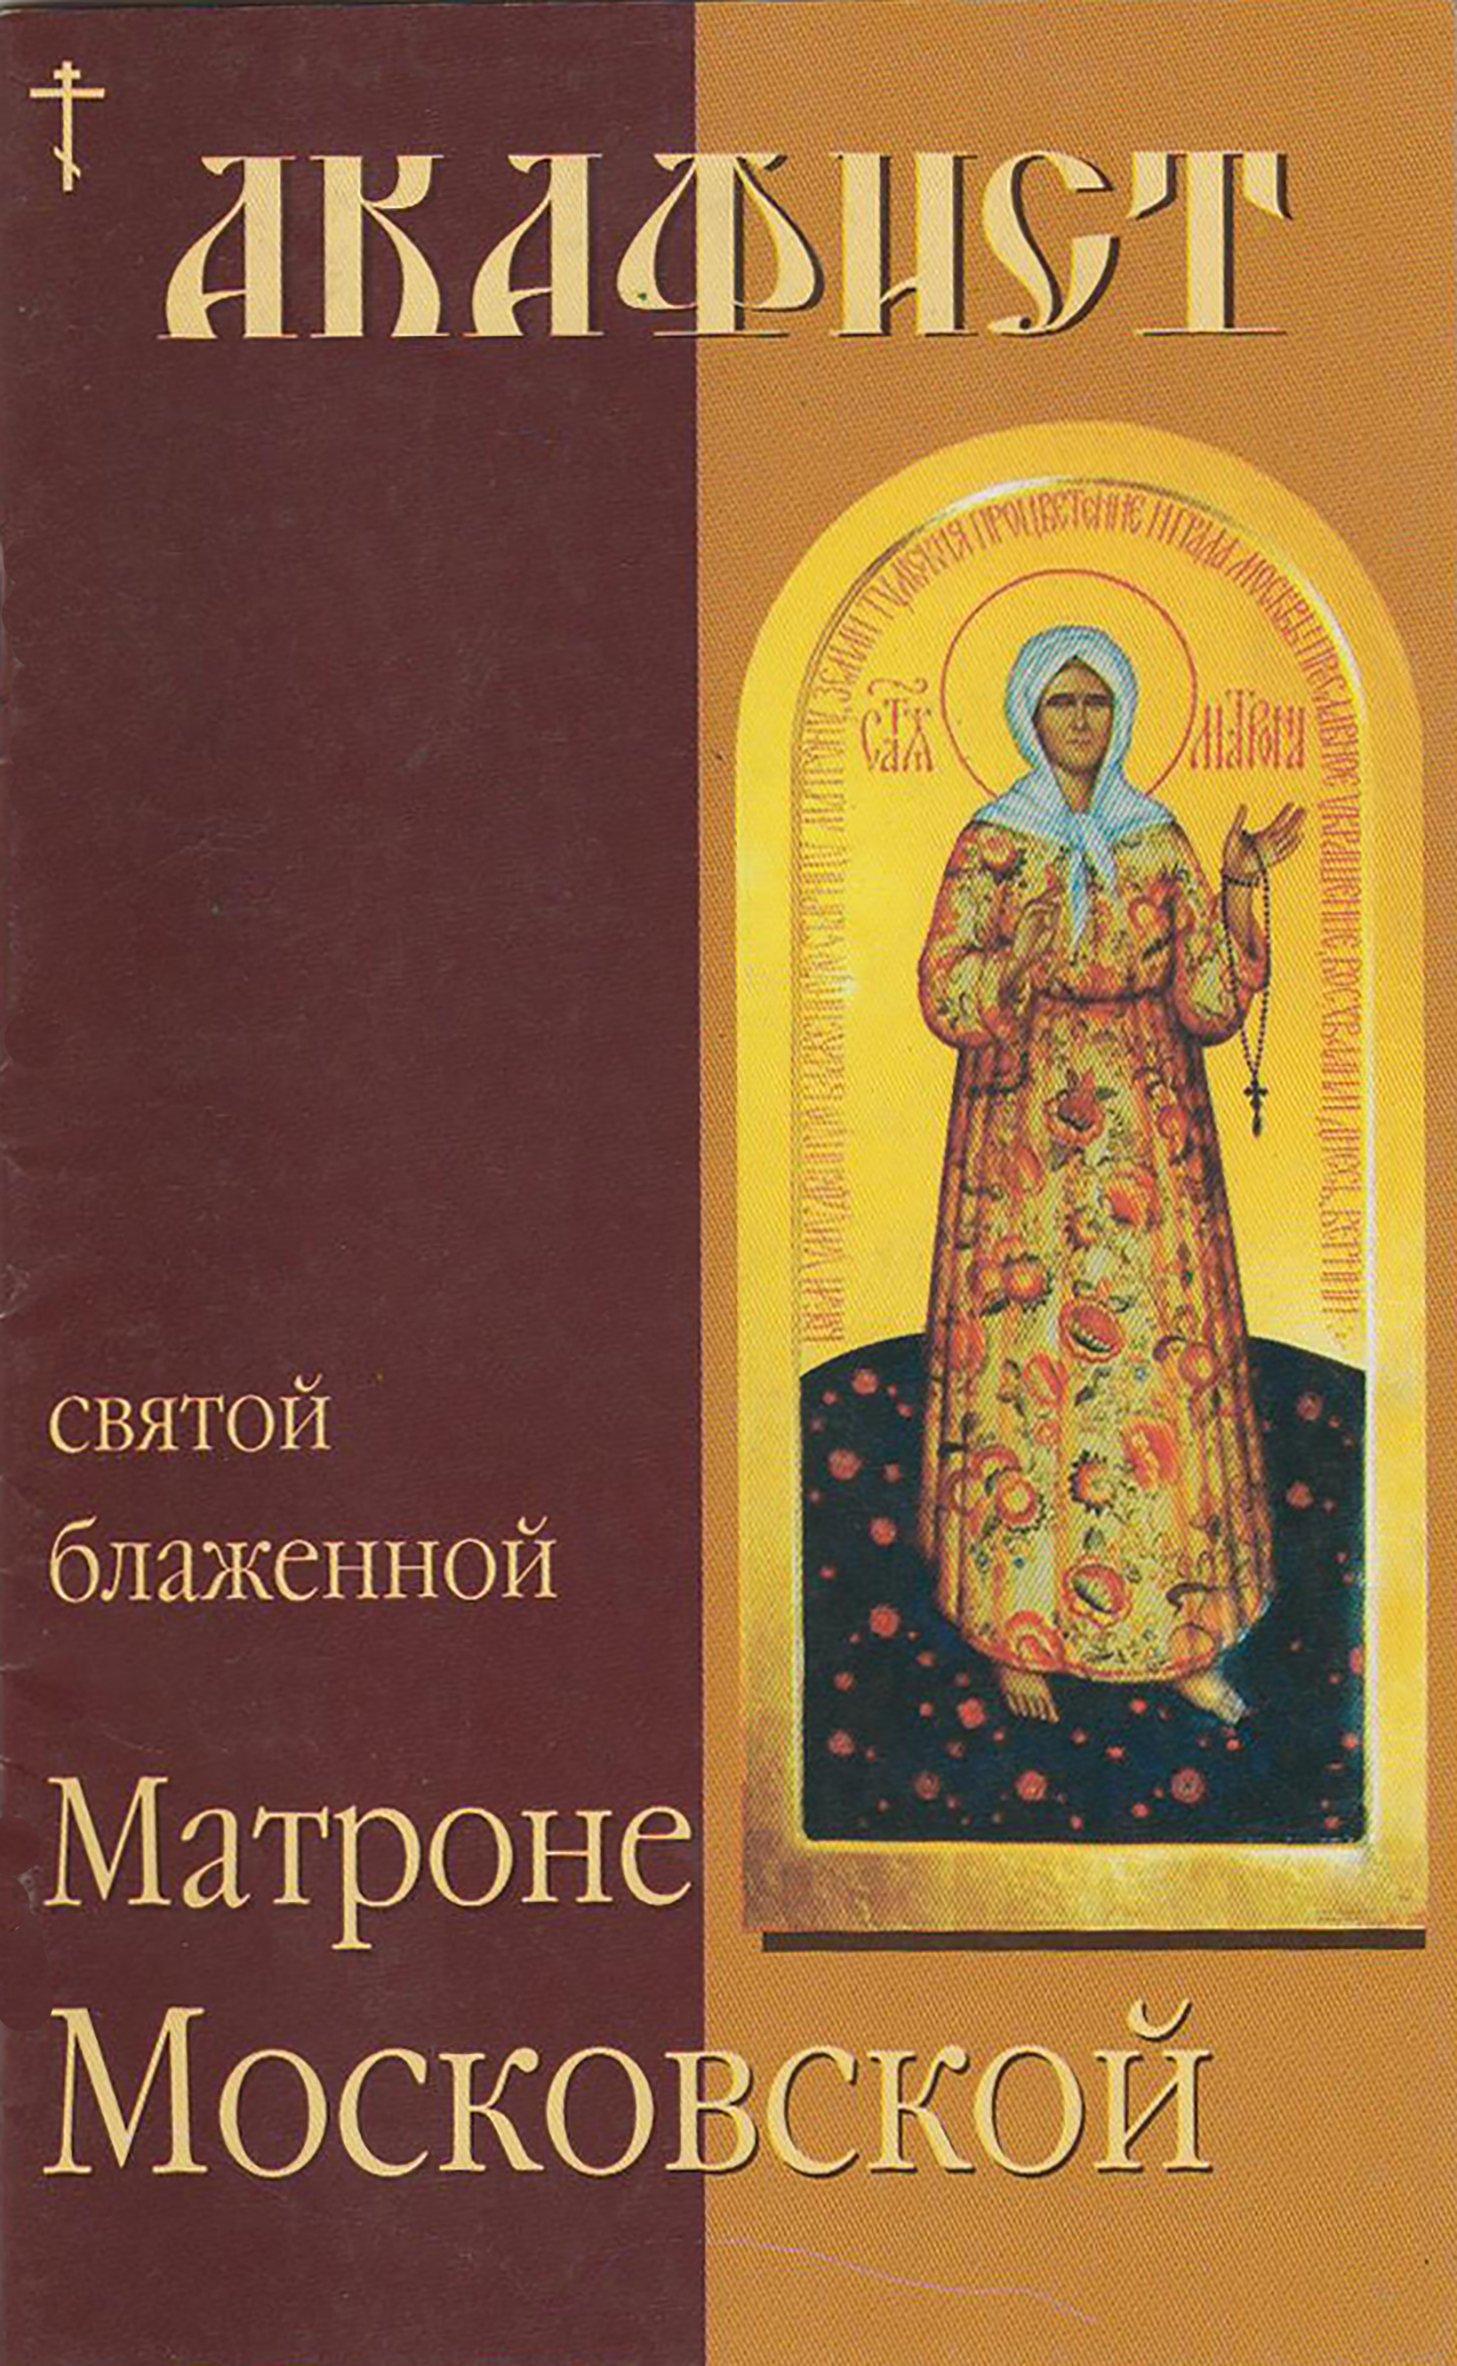 Отсутствует Акафист святой блаженной Матроне Московской